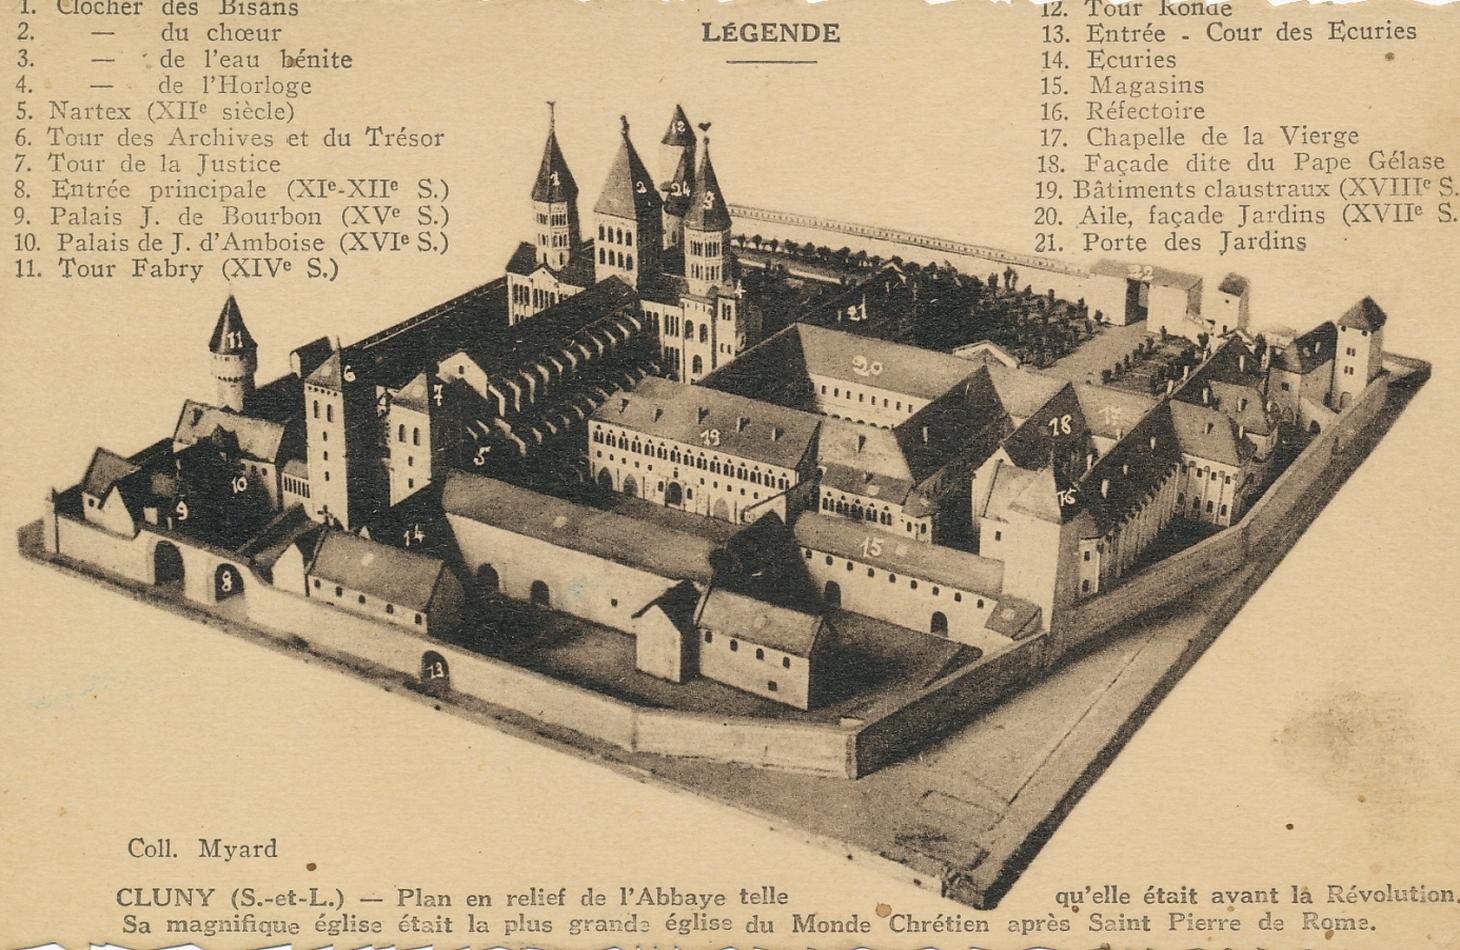 Cluny - Cluny. Plan en relief de l'abbaye telle qu'elle était avant la Révolution. Sa magnifique église était la plus grande église du monde chrétien après Saint-Pierre de Rome.